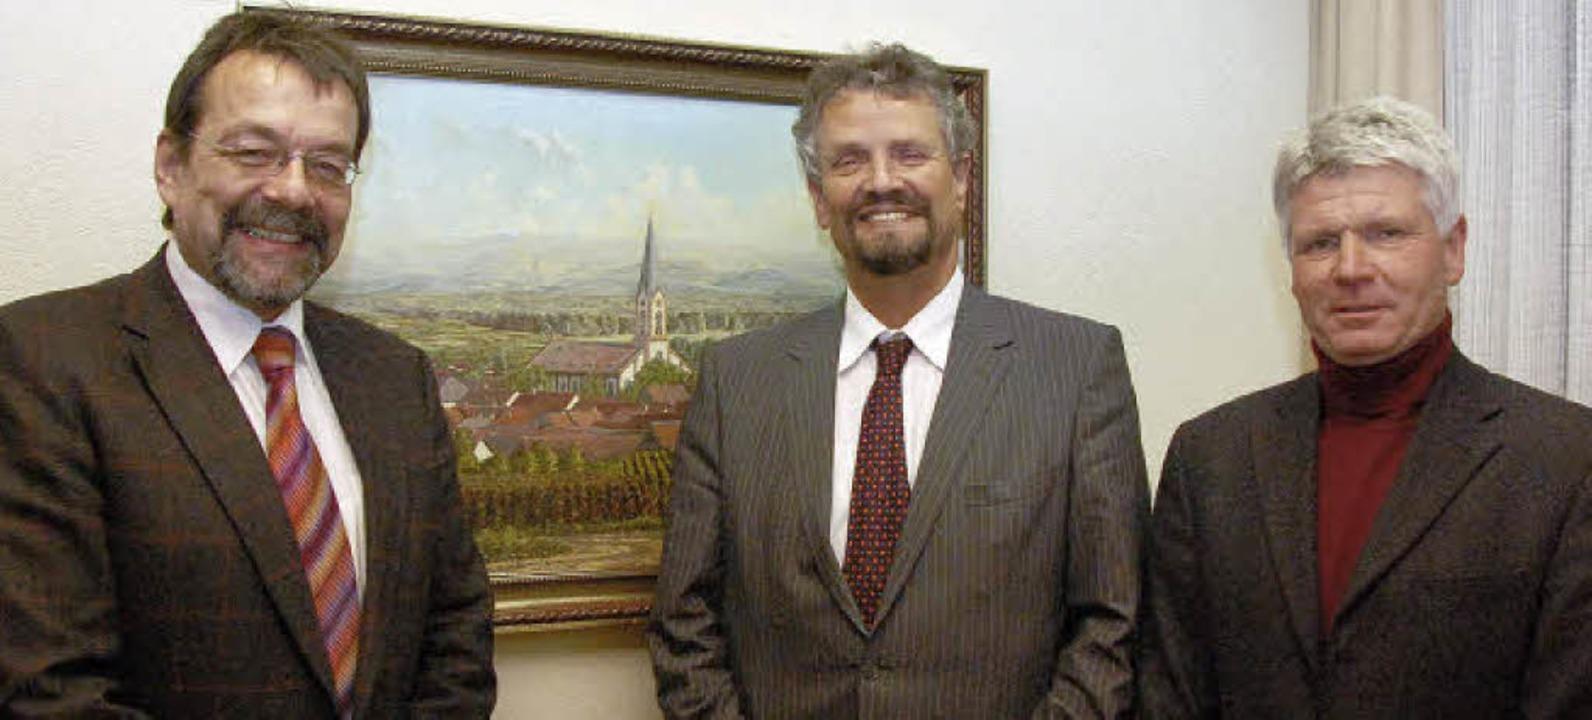 Der SPD-Bundestagsabgeordnete Gernot E...s Lai  zu einem Informationsaustausch.  | Foto: kai kricheldorff